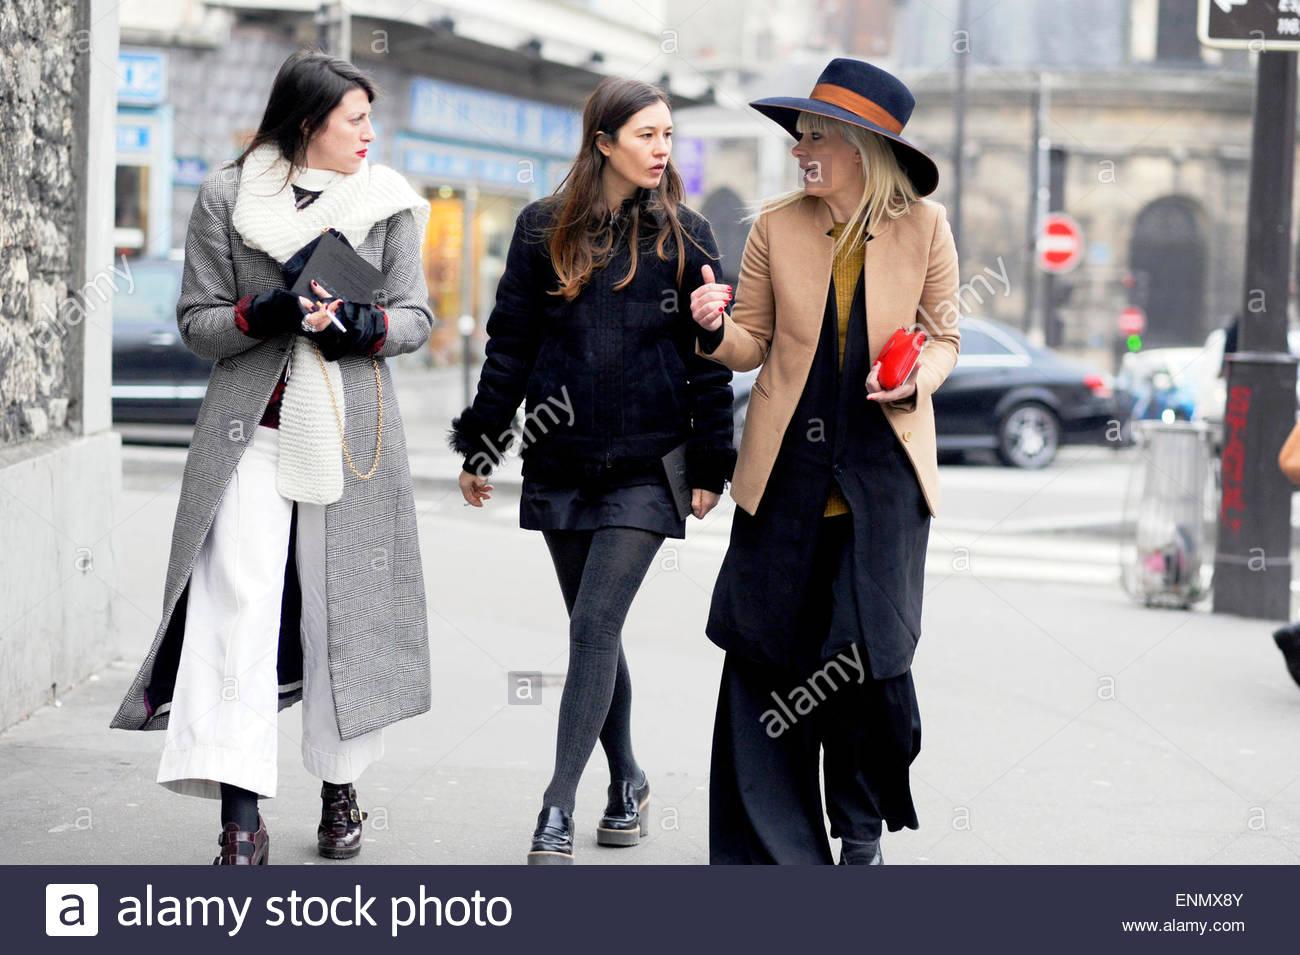 Las mujeres que asisten a la Semana de la moda de París Mens, PFW FW15/16, Moda Street Style. Imagen De Stock